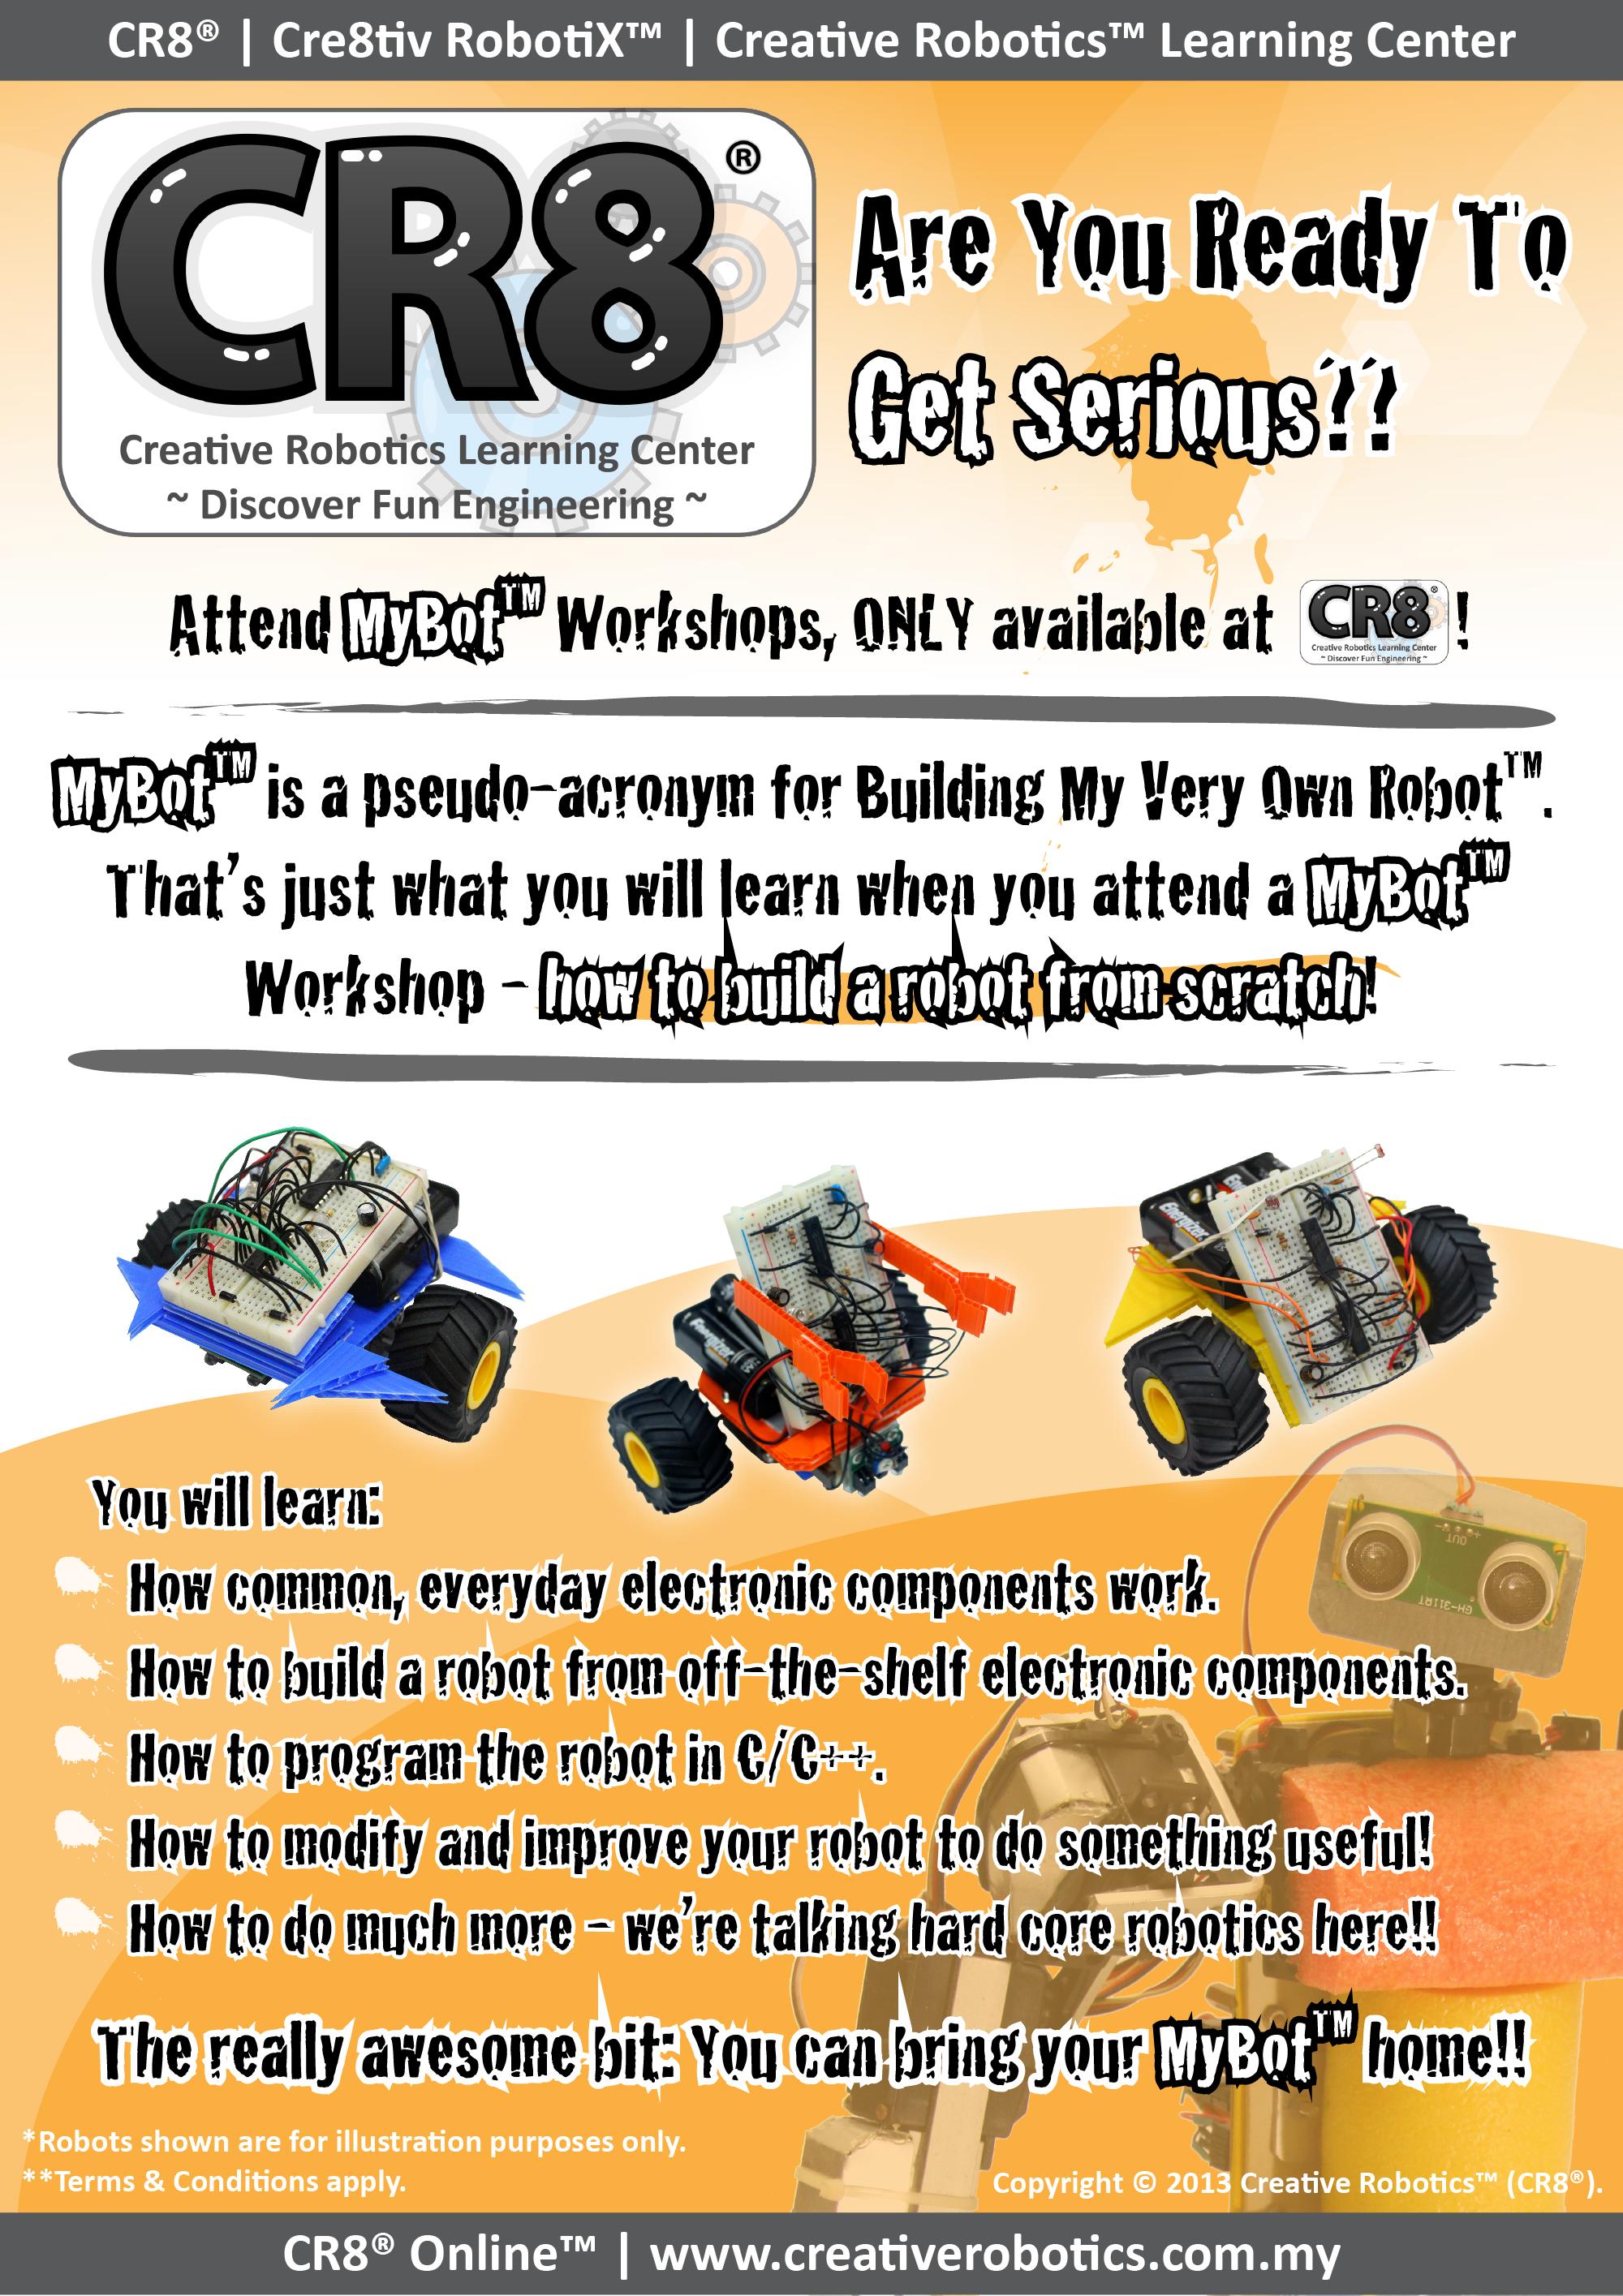 Cr8 Online Mybot Workshop